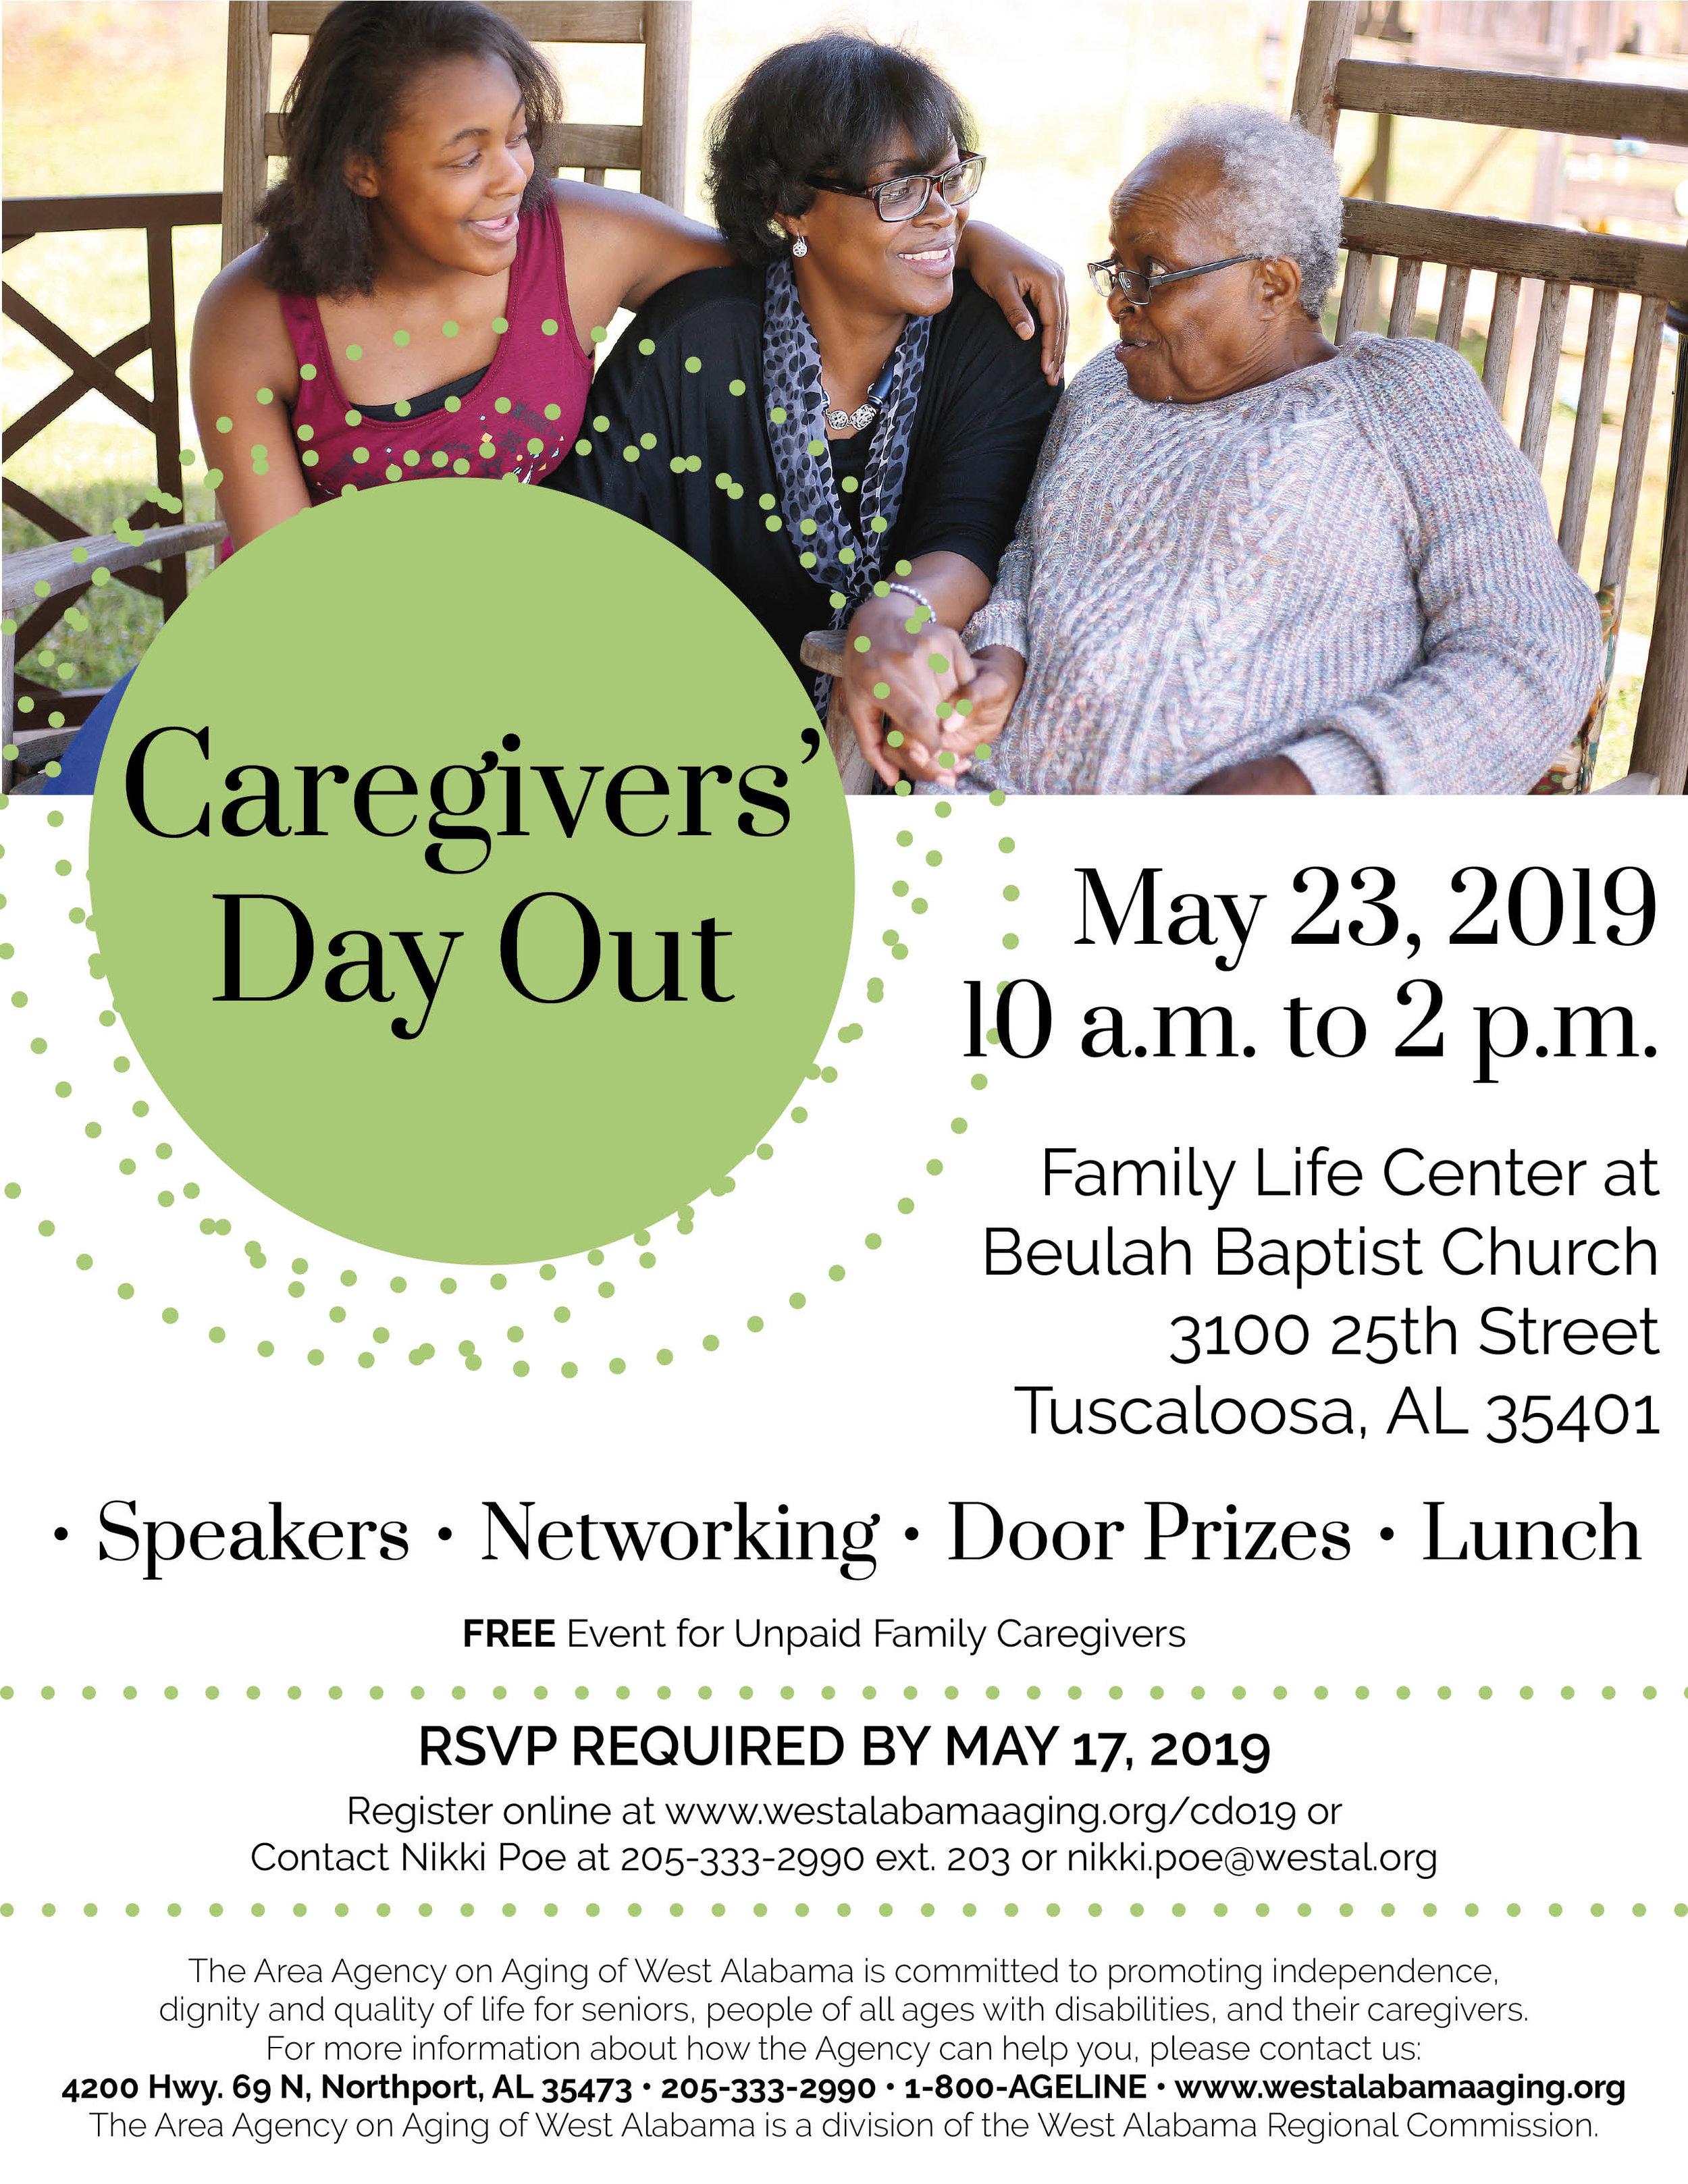 CaregiversDayOut2019.jpg